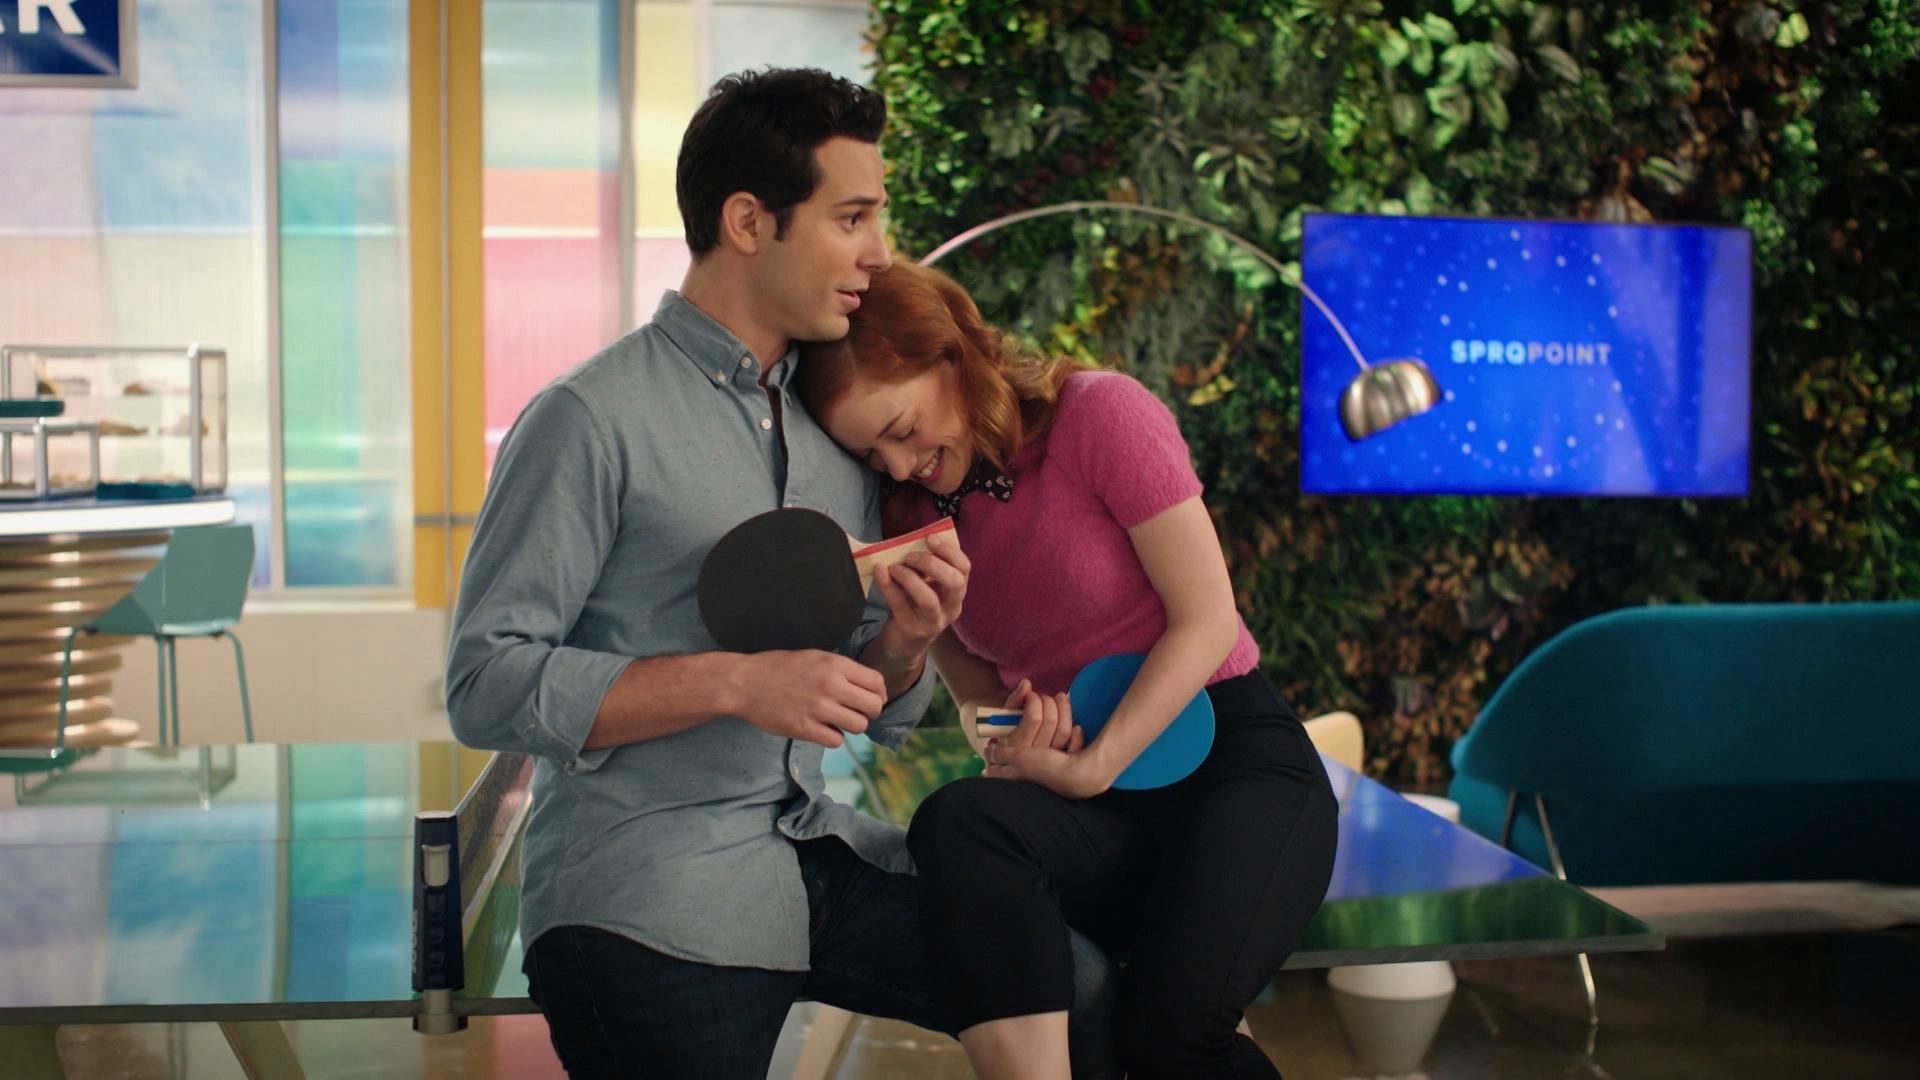 La extraordinaria playlist de Zoe Temporada 2 (2021) 1080p WEB-DL Latino